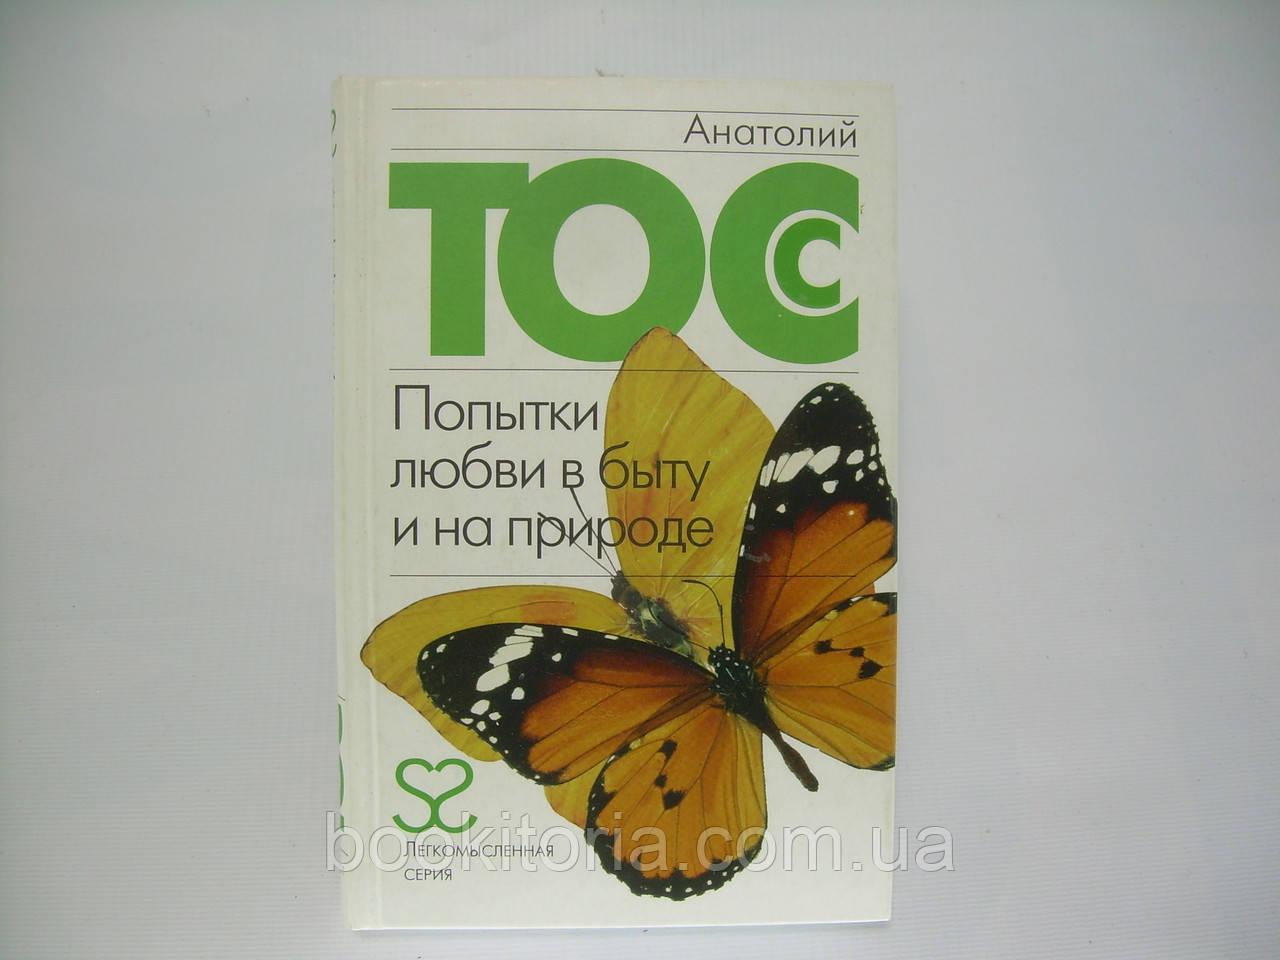 Тосс А. Попытки любви в быту и на природе (б/у).